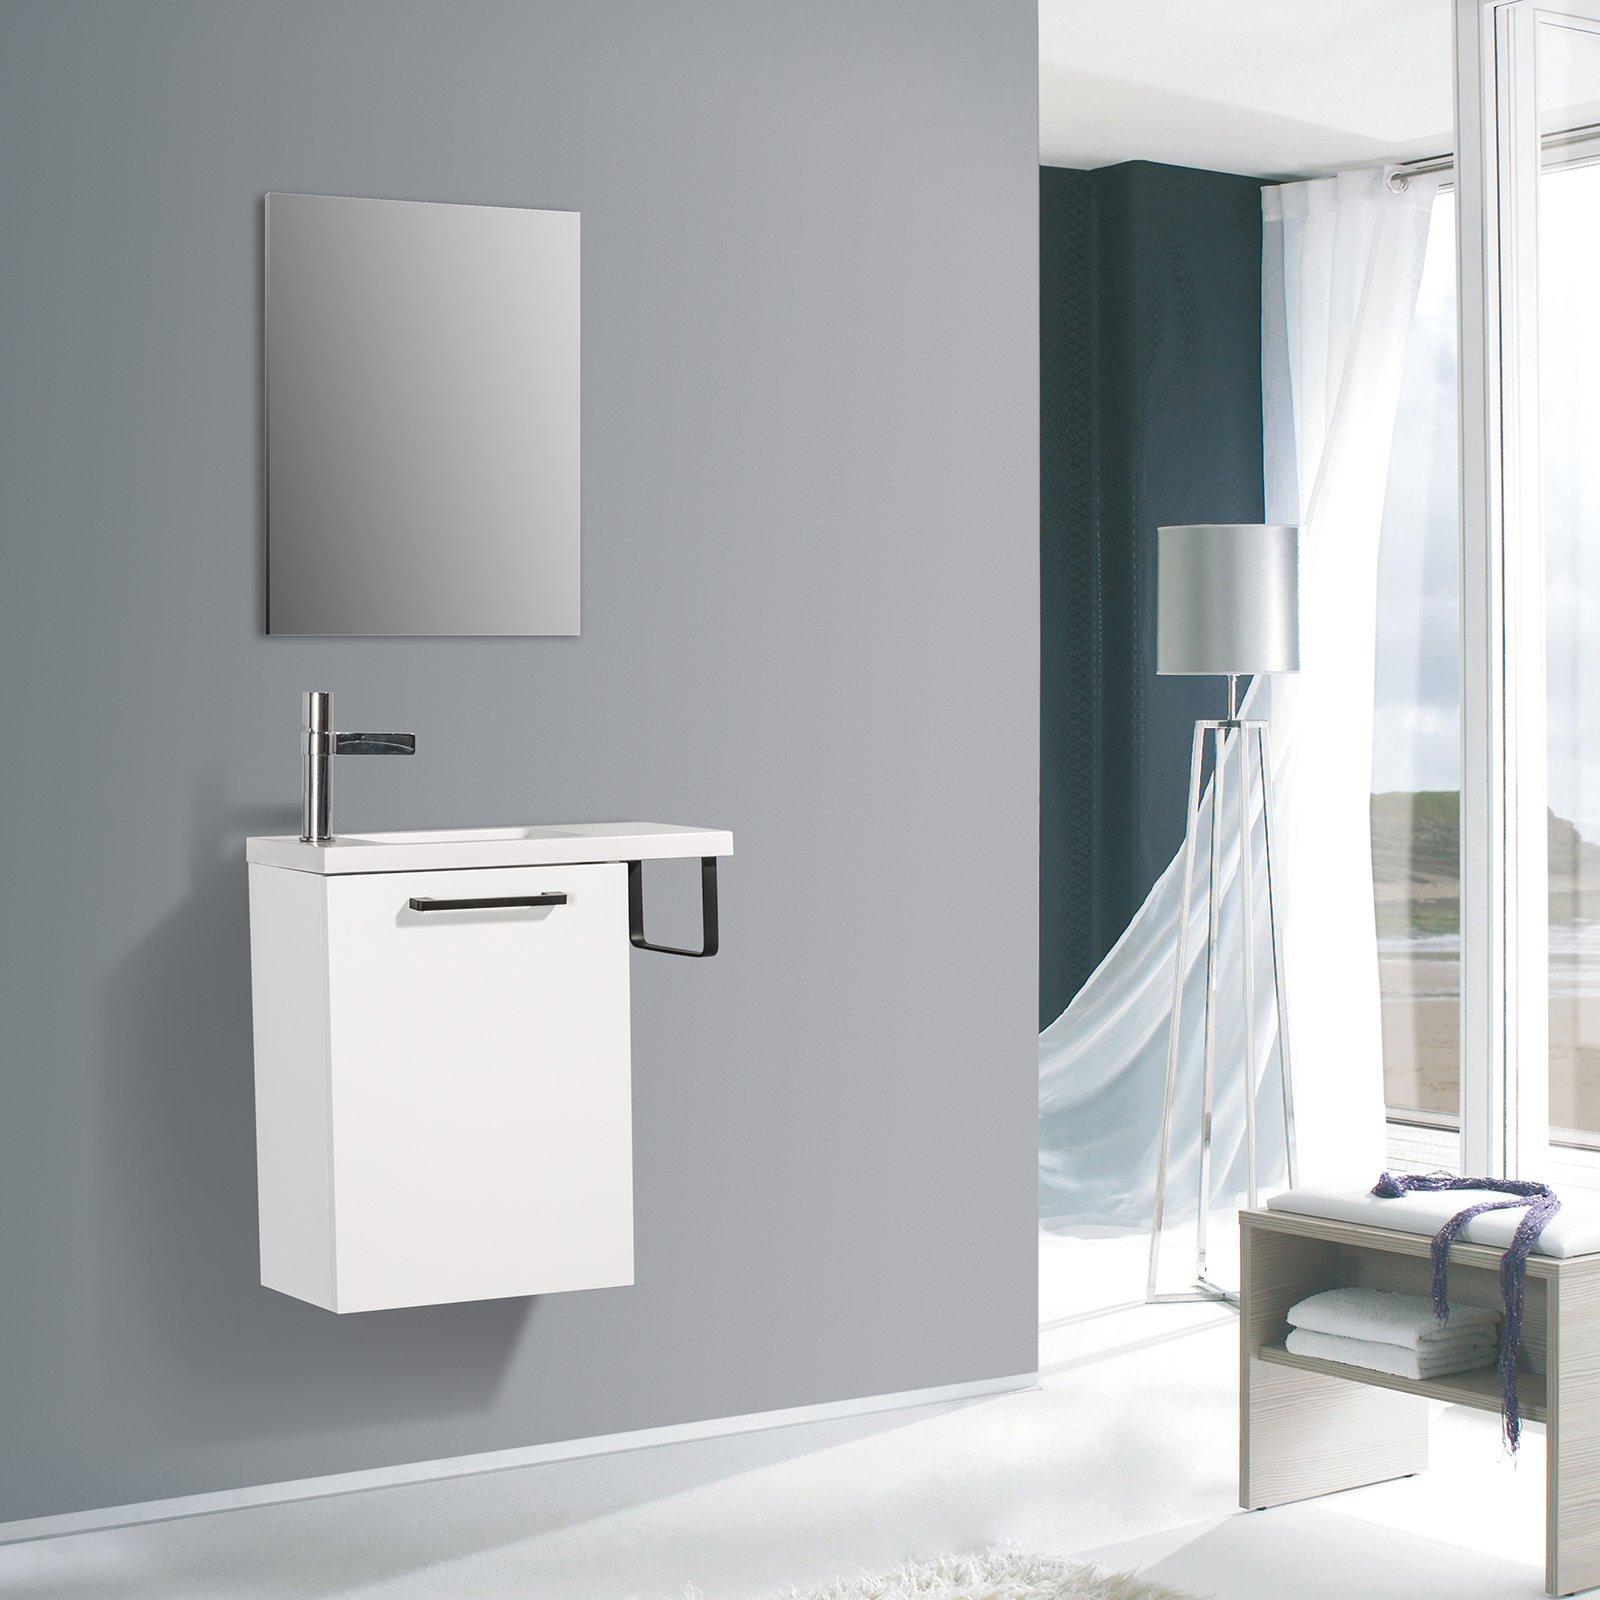 Badmöbel-Set TABLO 400 für Gäste-WC - Farbe wählbar - Spiegel optional